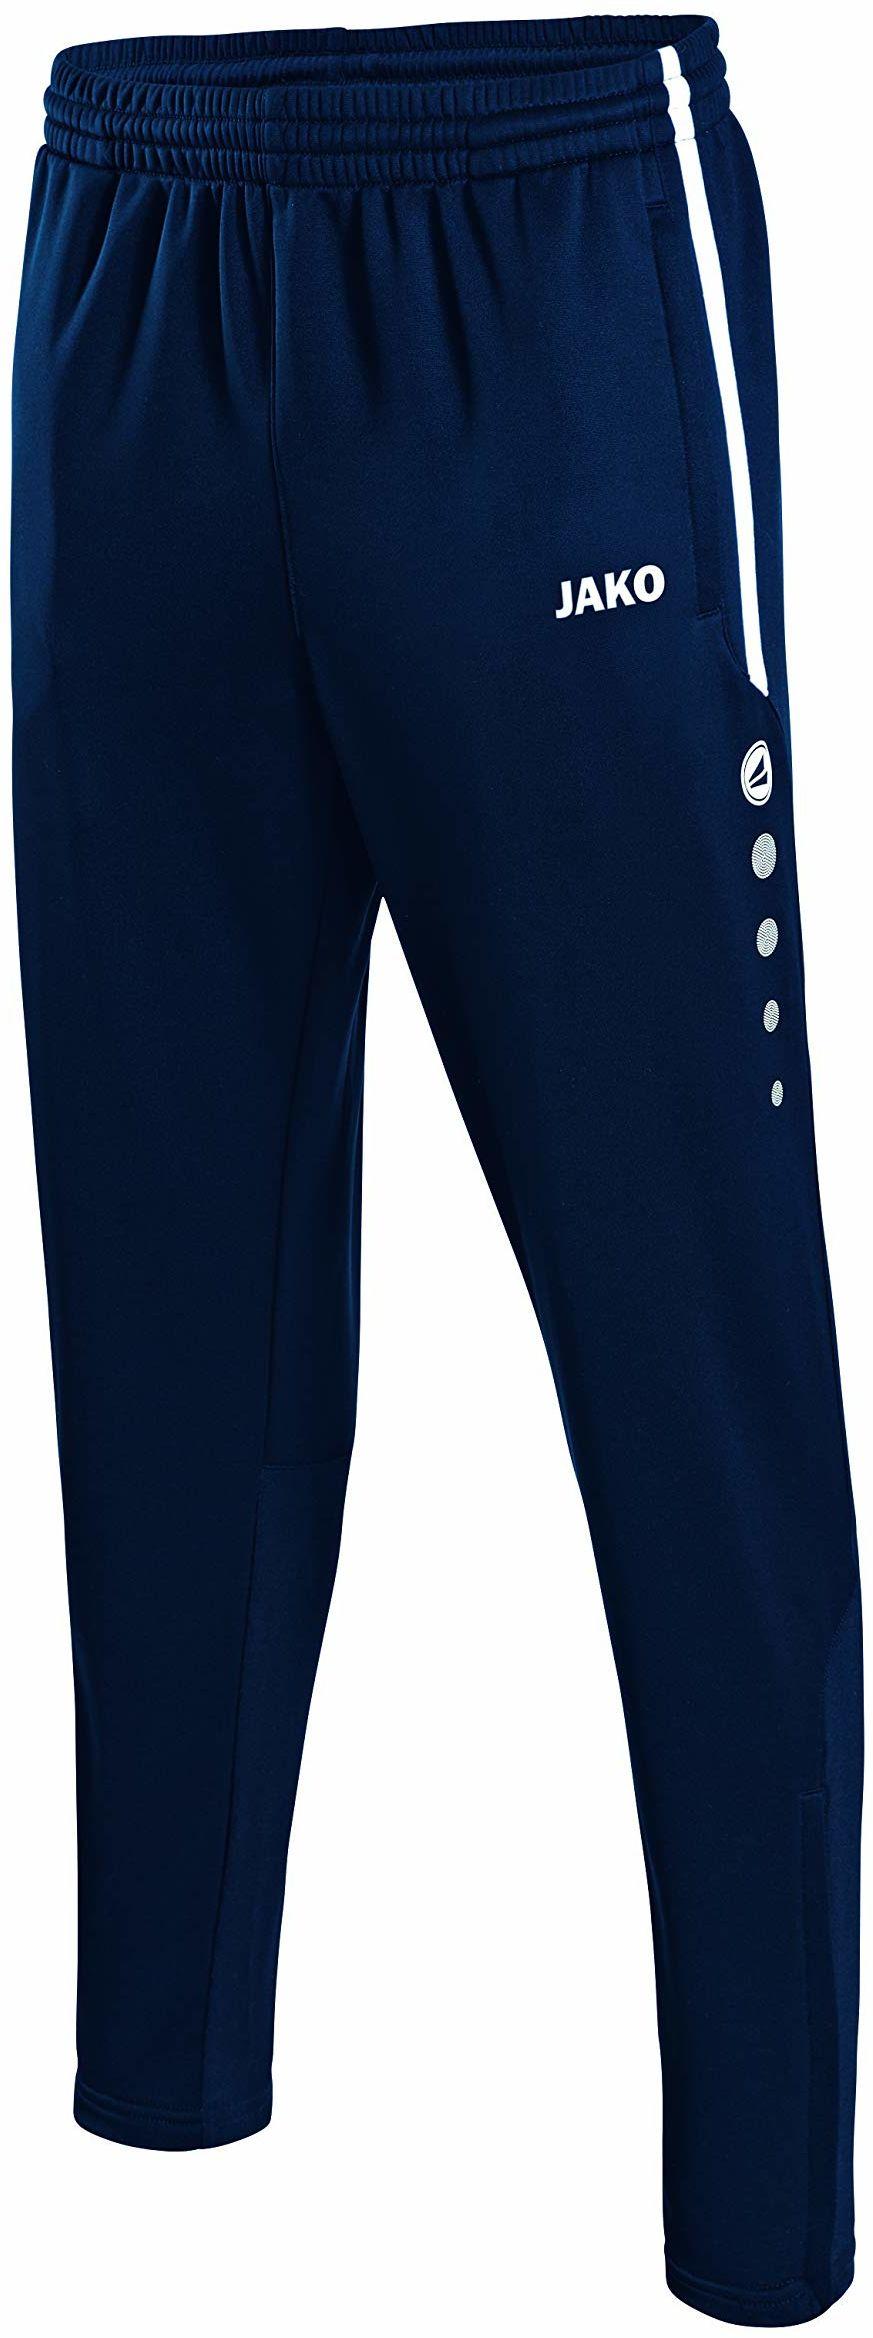 JAKO Męskie spodnie treningowe Active, granatowe/neonowy żółty, XXL, 8495